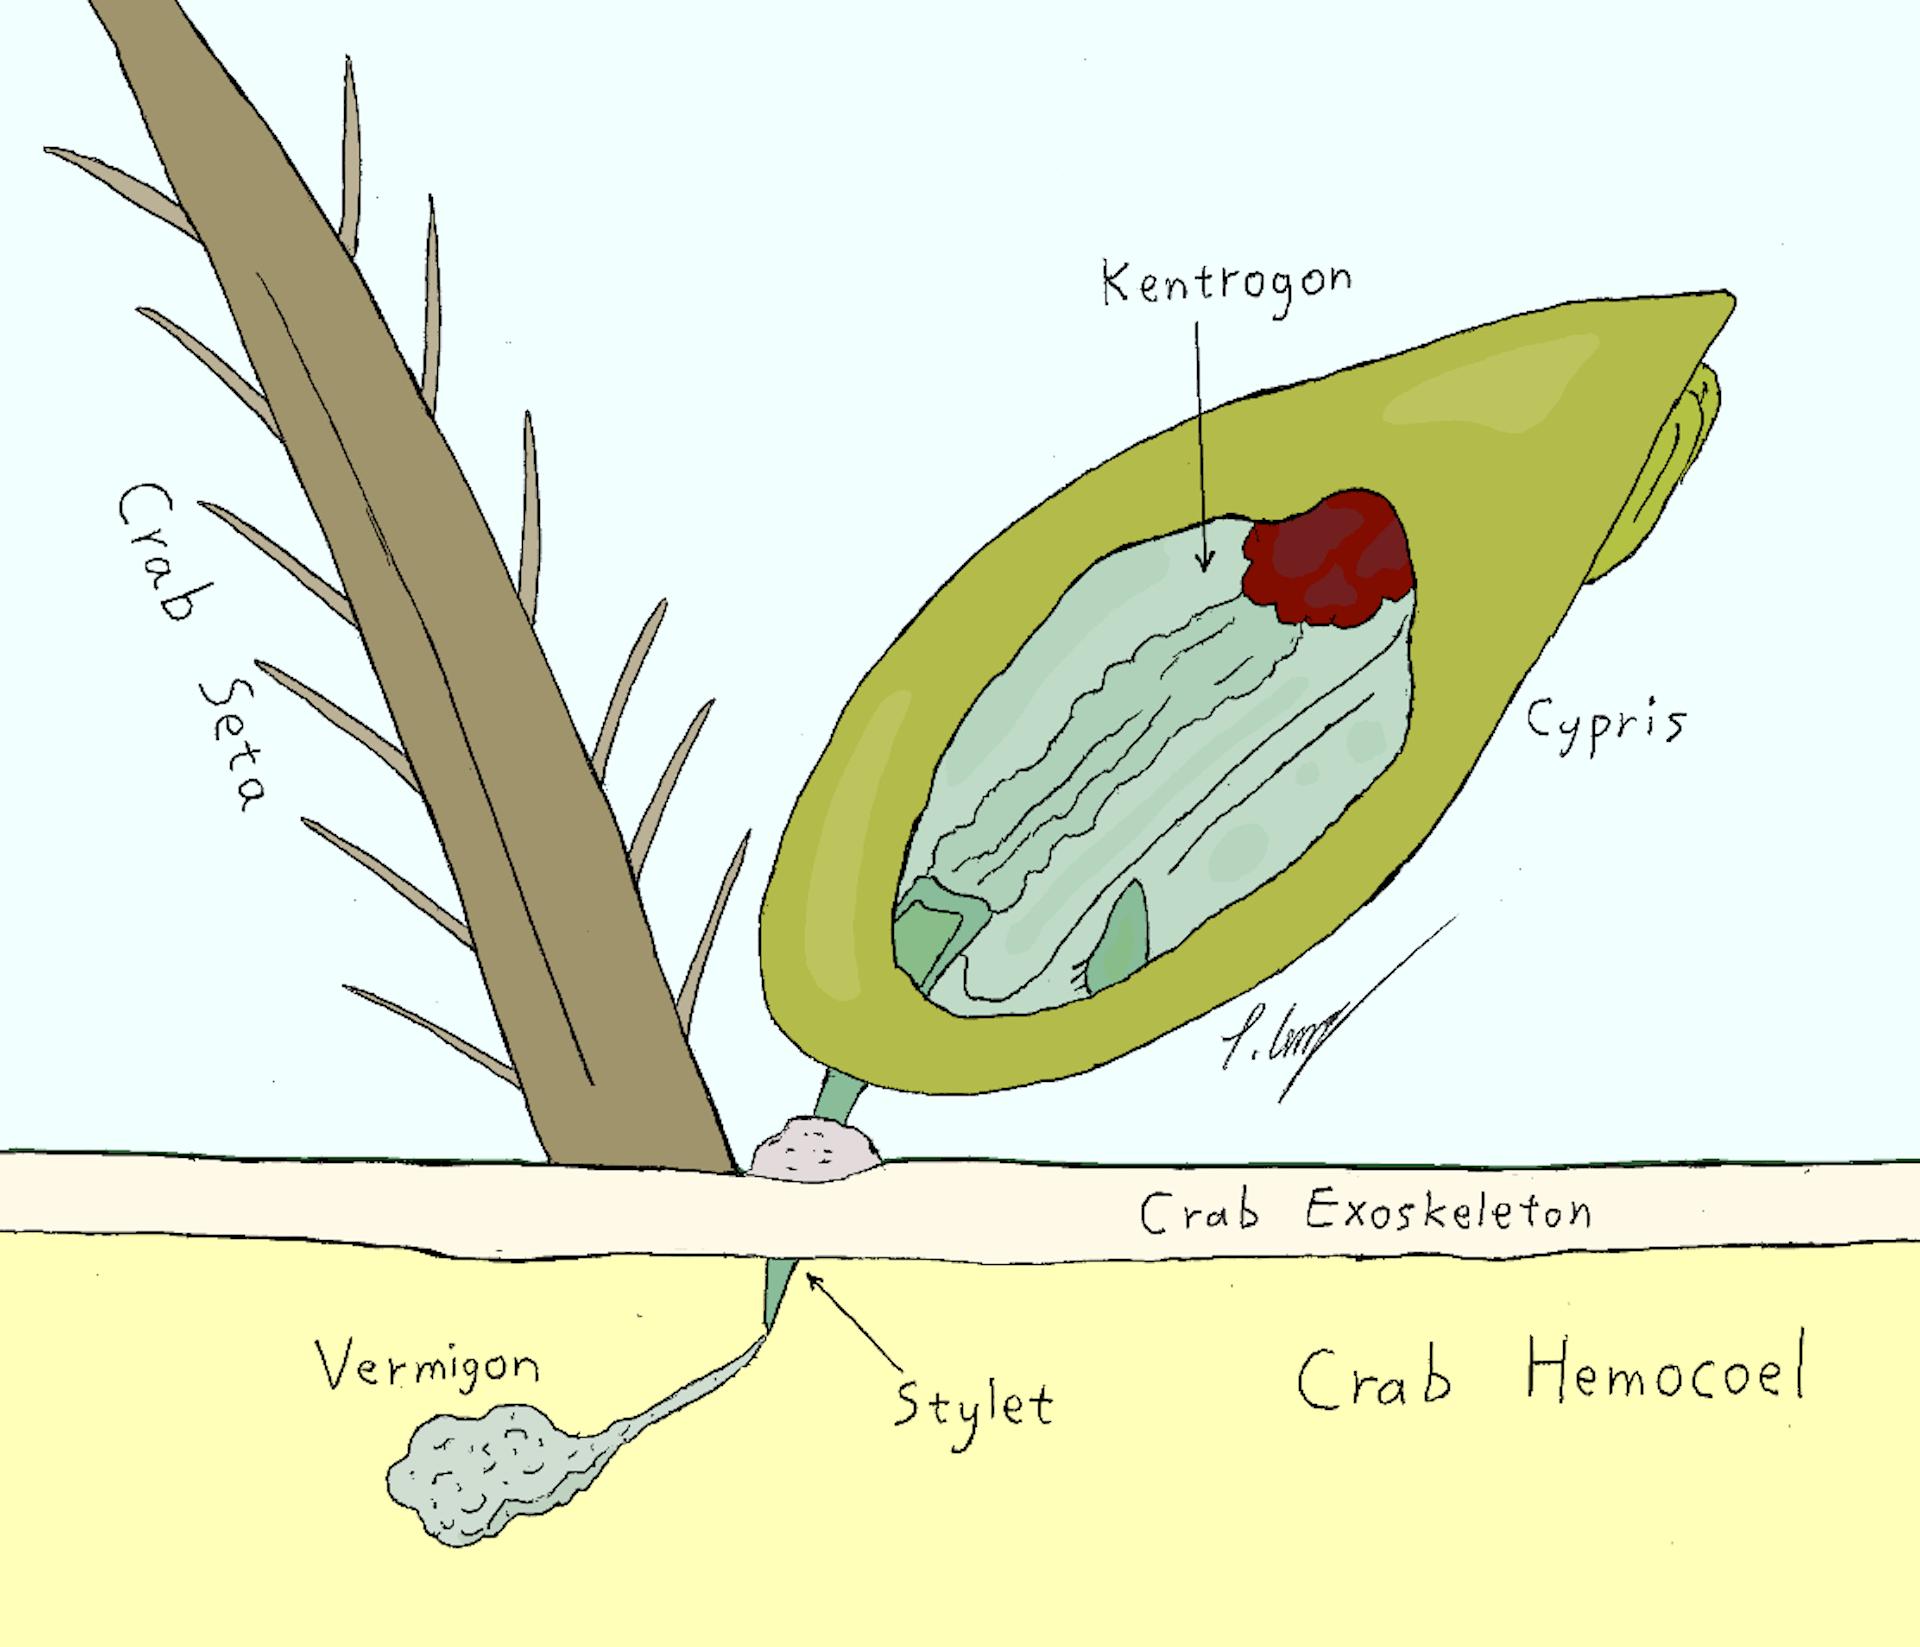 parasites in crabs